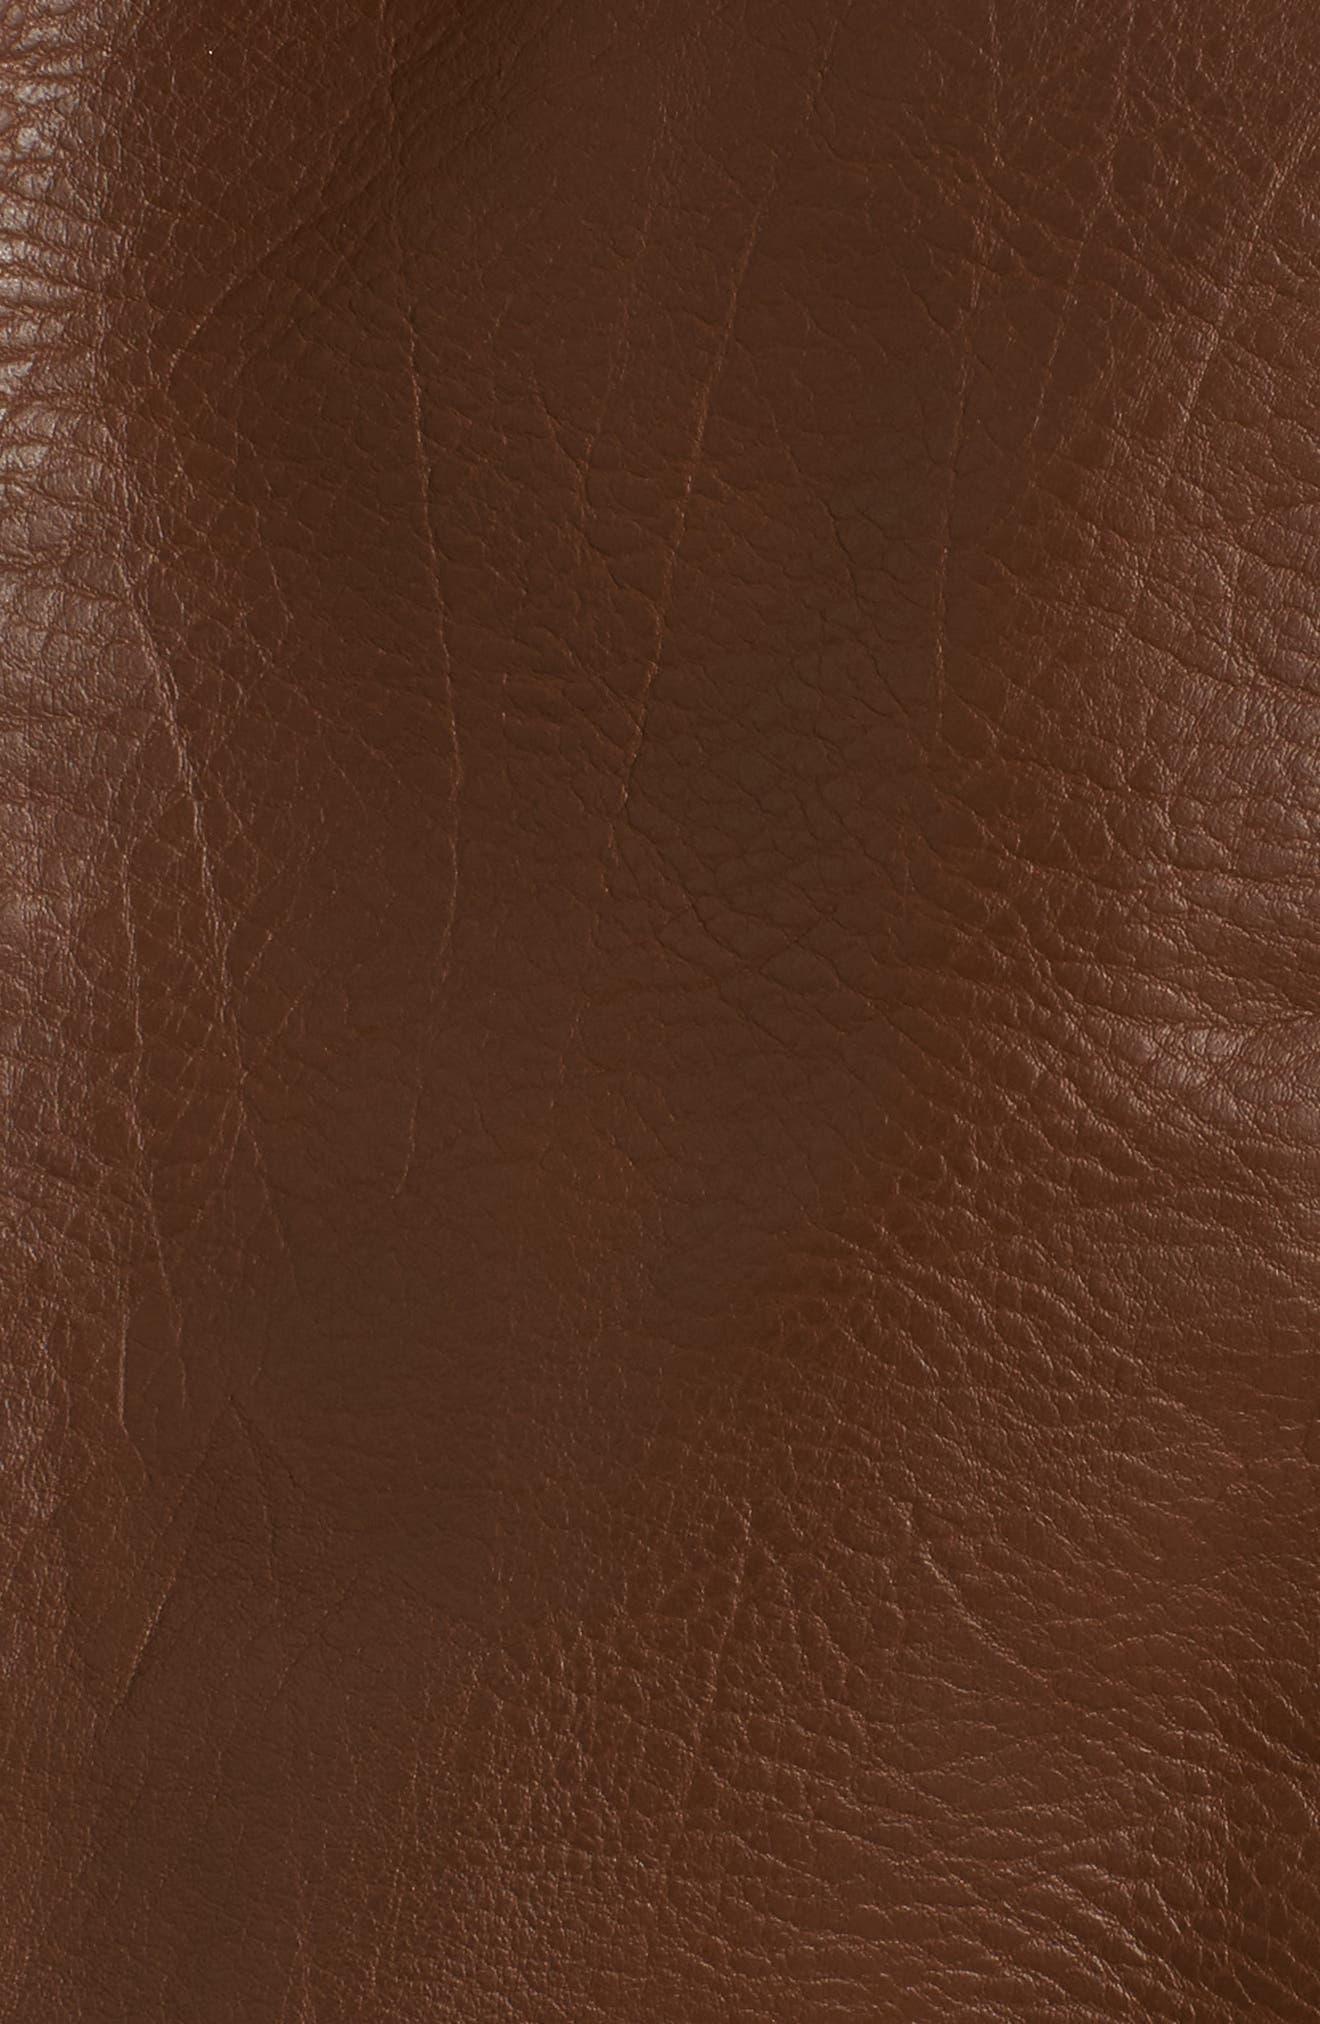 Faux Leather Moto Jacket,                             Alternate thumbnail 6, color,                             Cognac